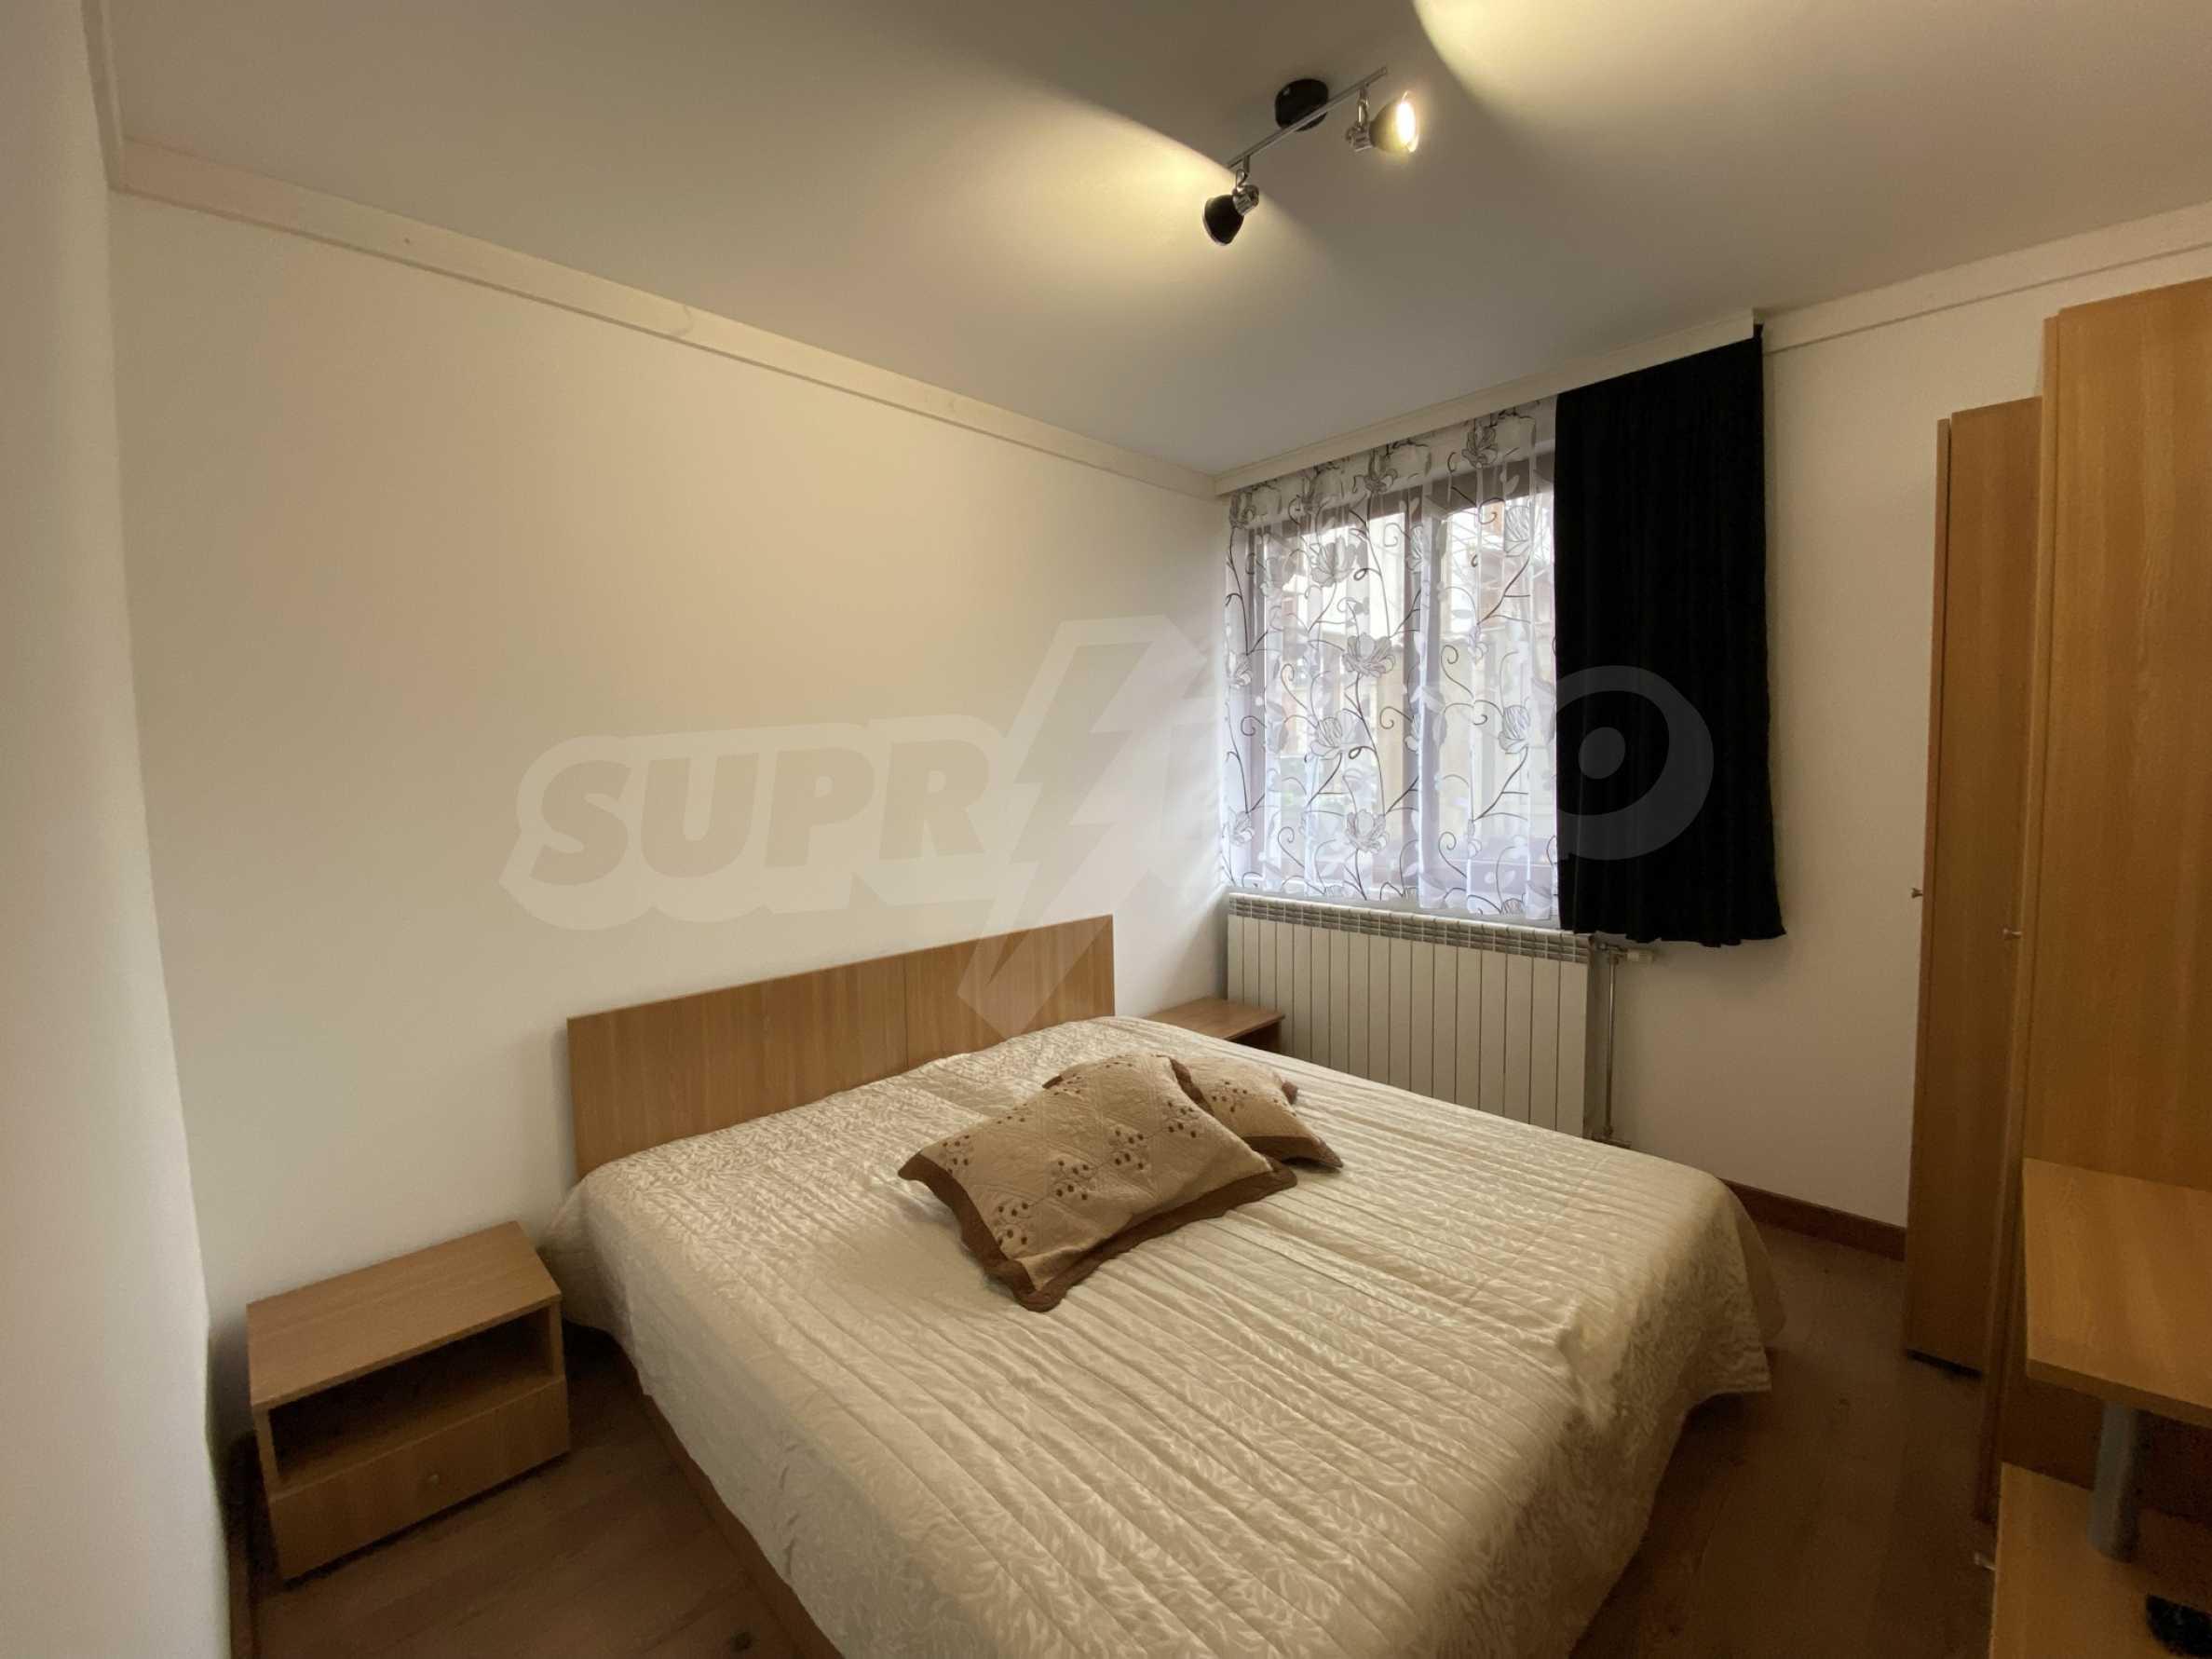 Apartment mit zwei Schlafzimmern zum Verkauf in der Nähe des Skigebiets in Bansko 6